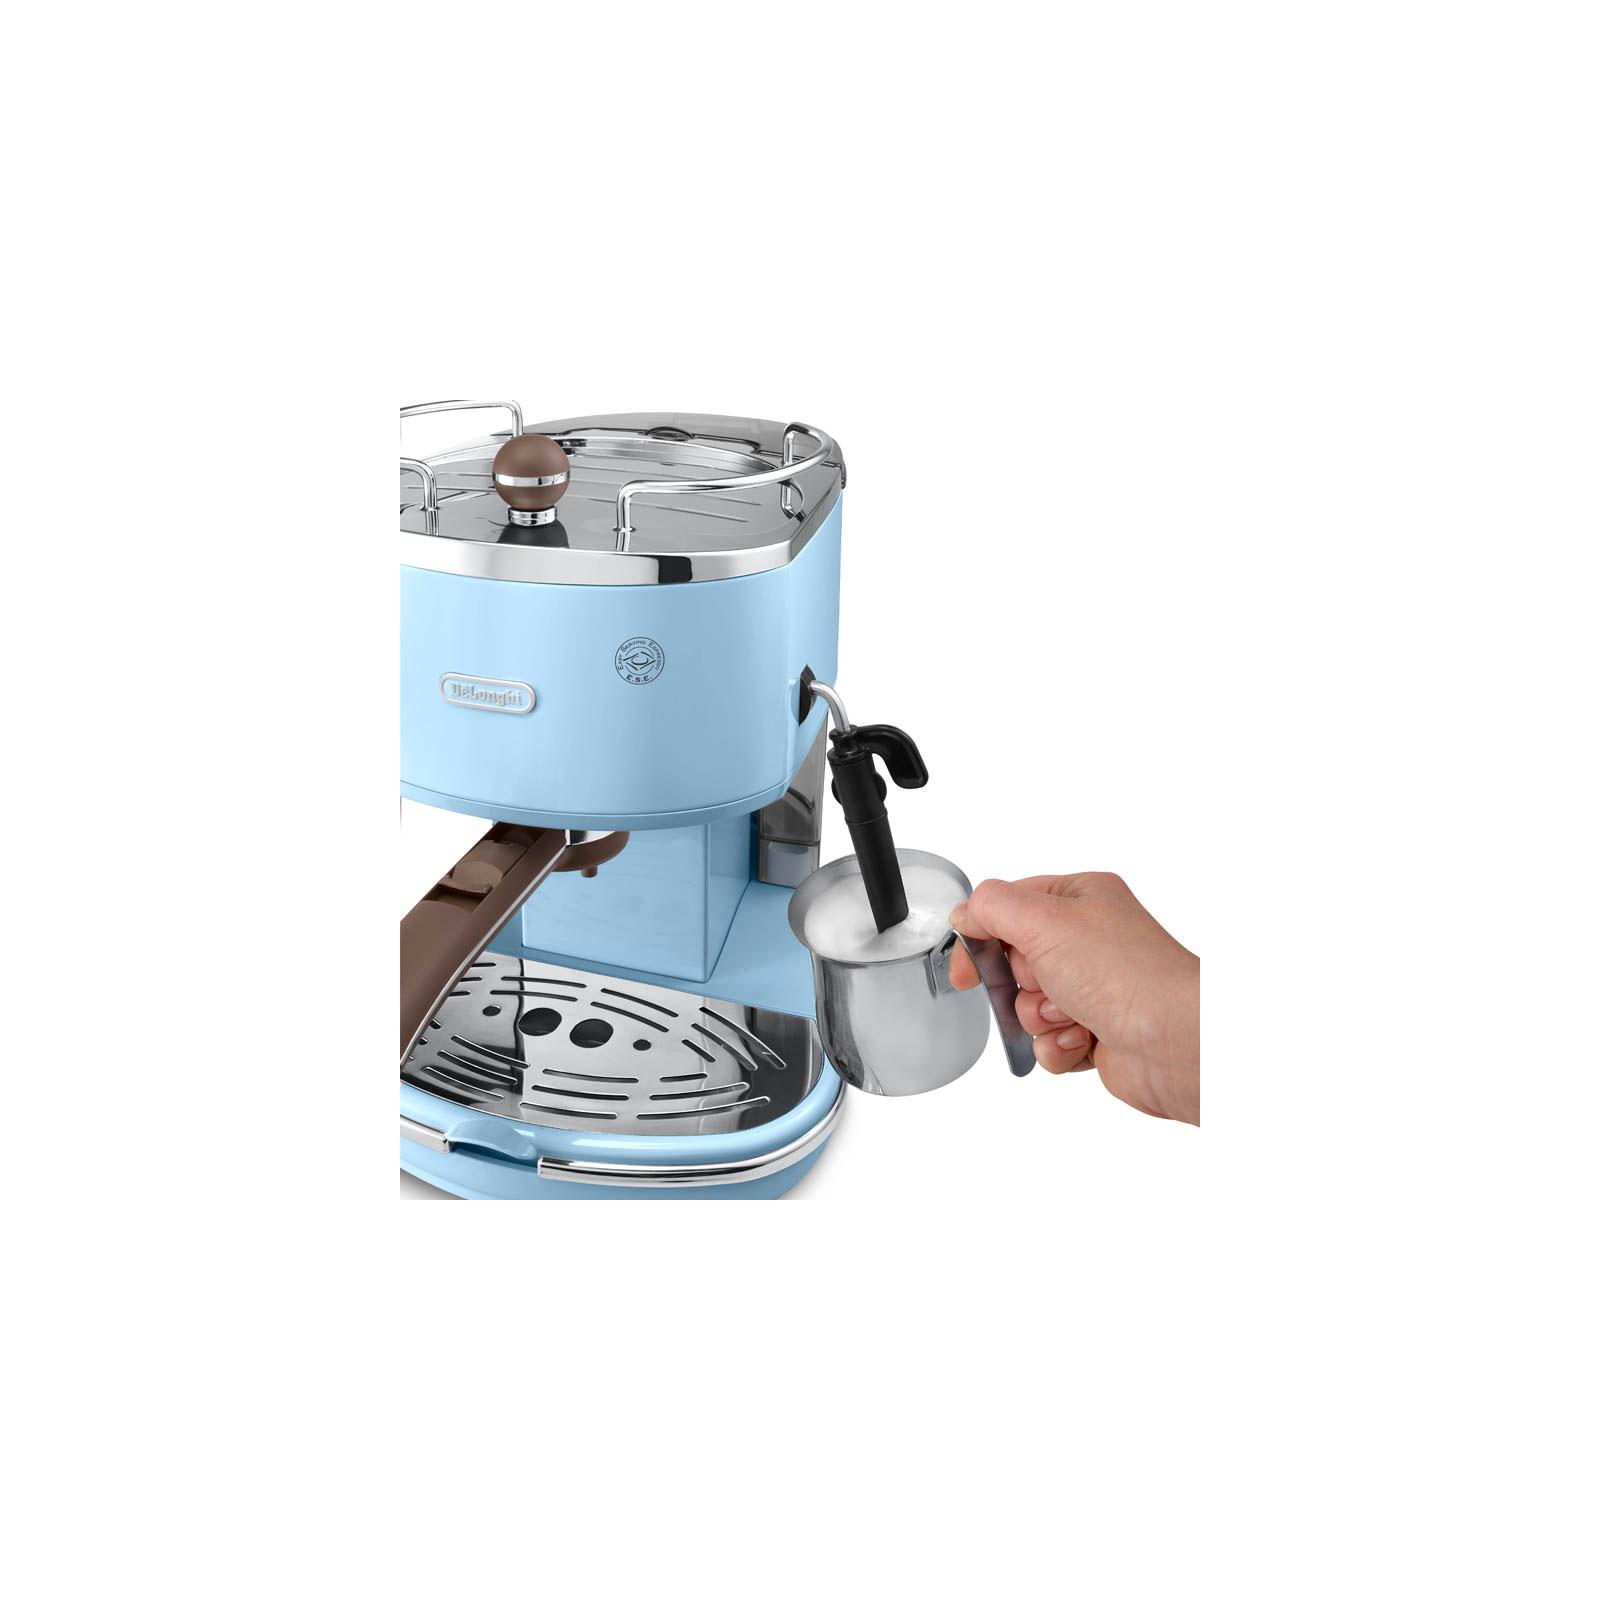 Кофеварка DeLonghi ECOV 310.AZ изображение 2